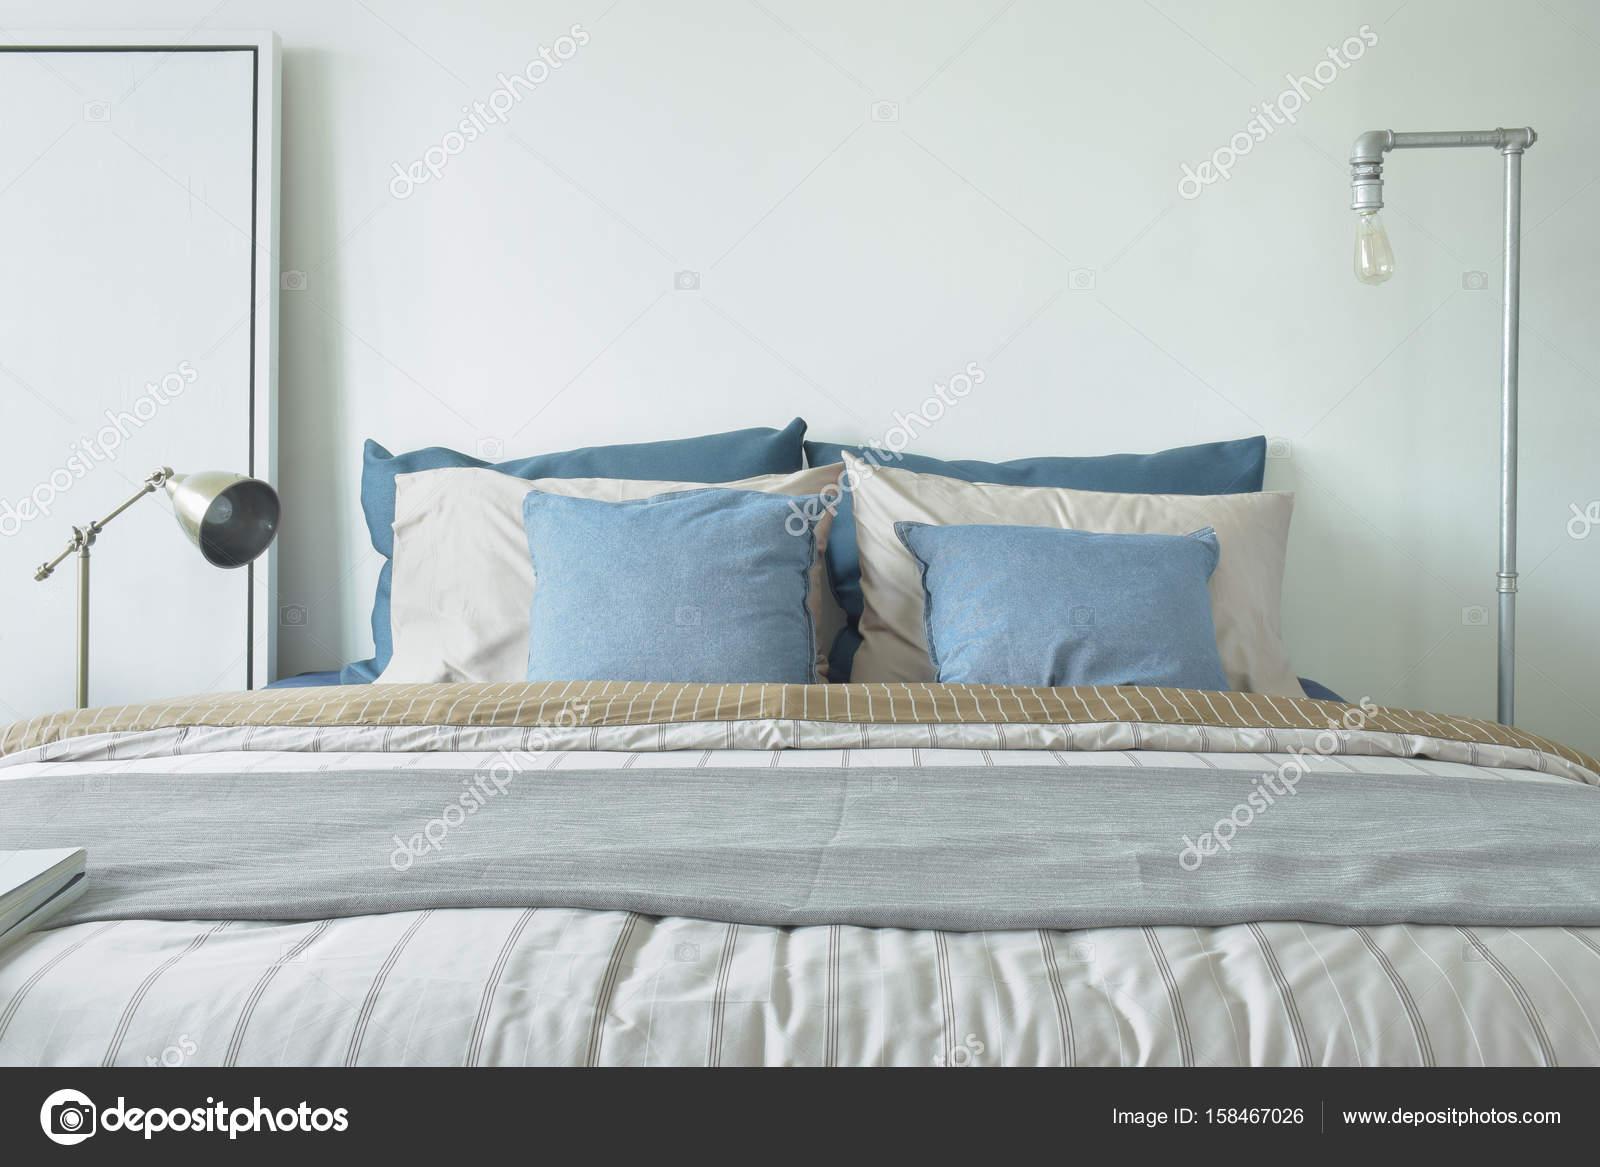 minimalistische stijl slaapkamer interieur in blauw en grijs kleurenschema stockfoto